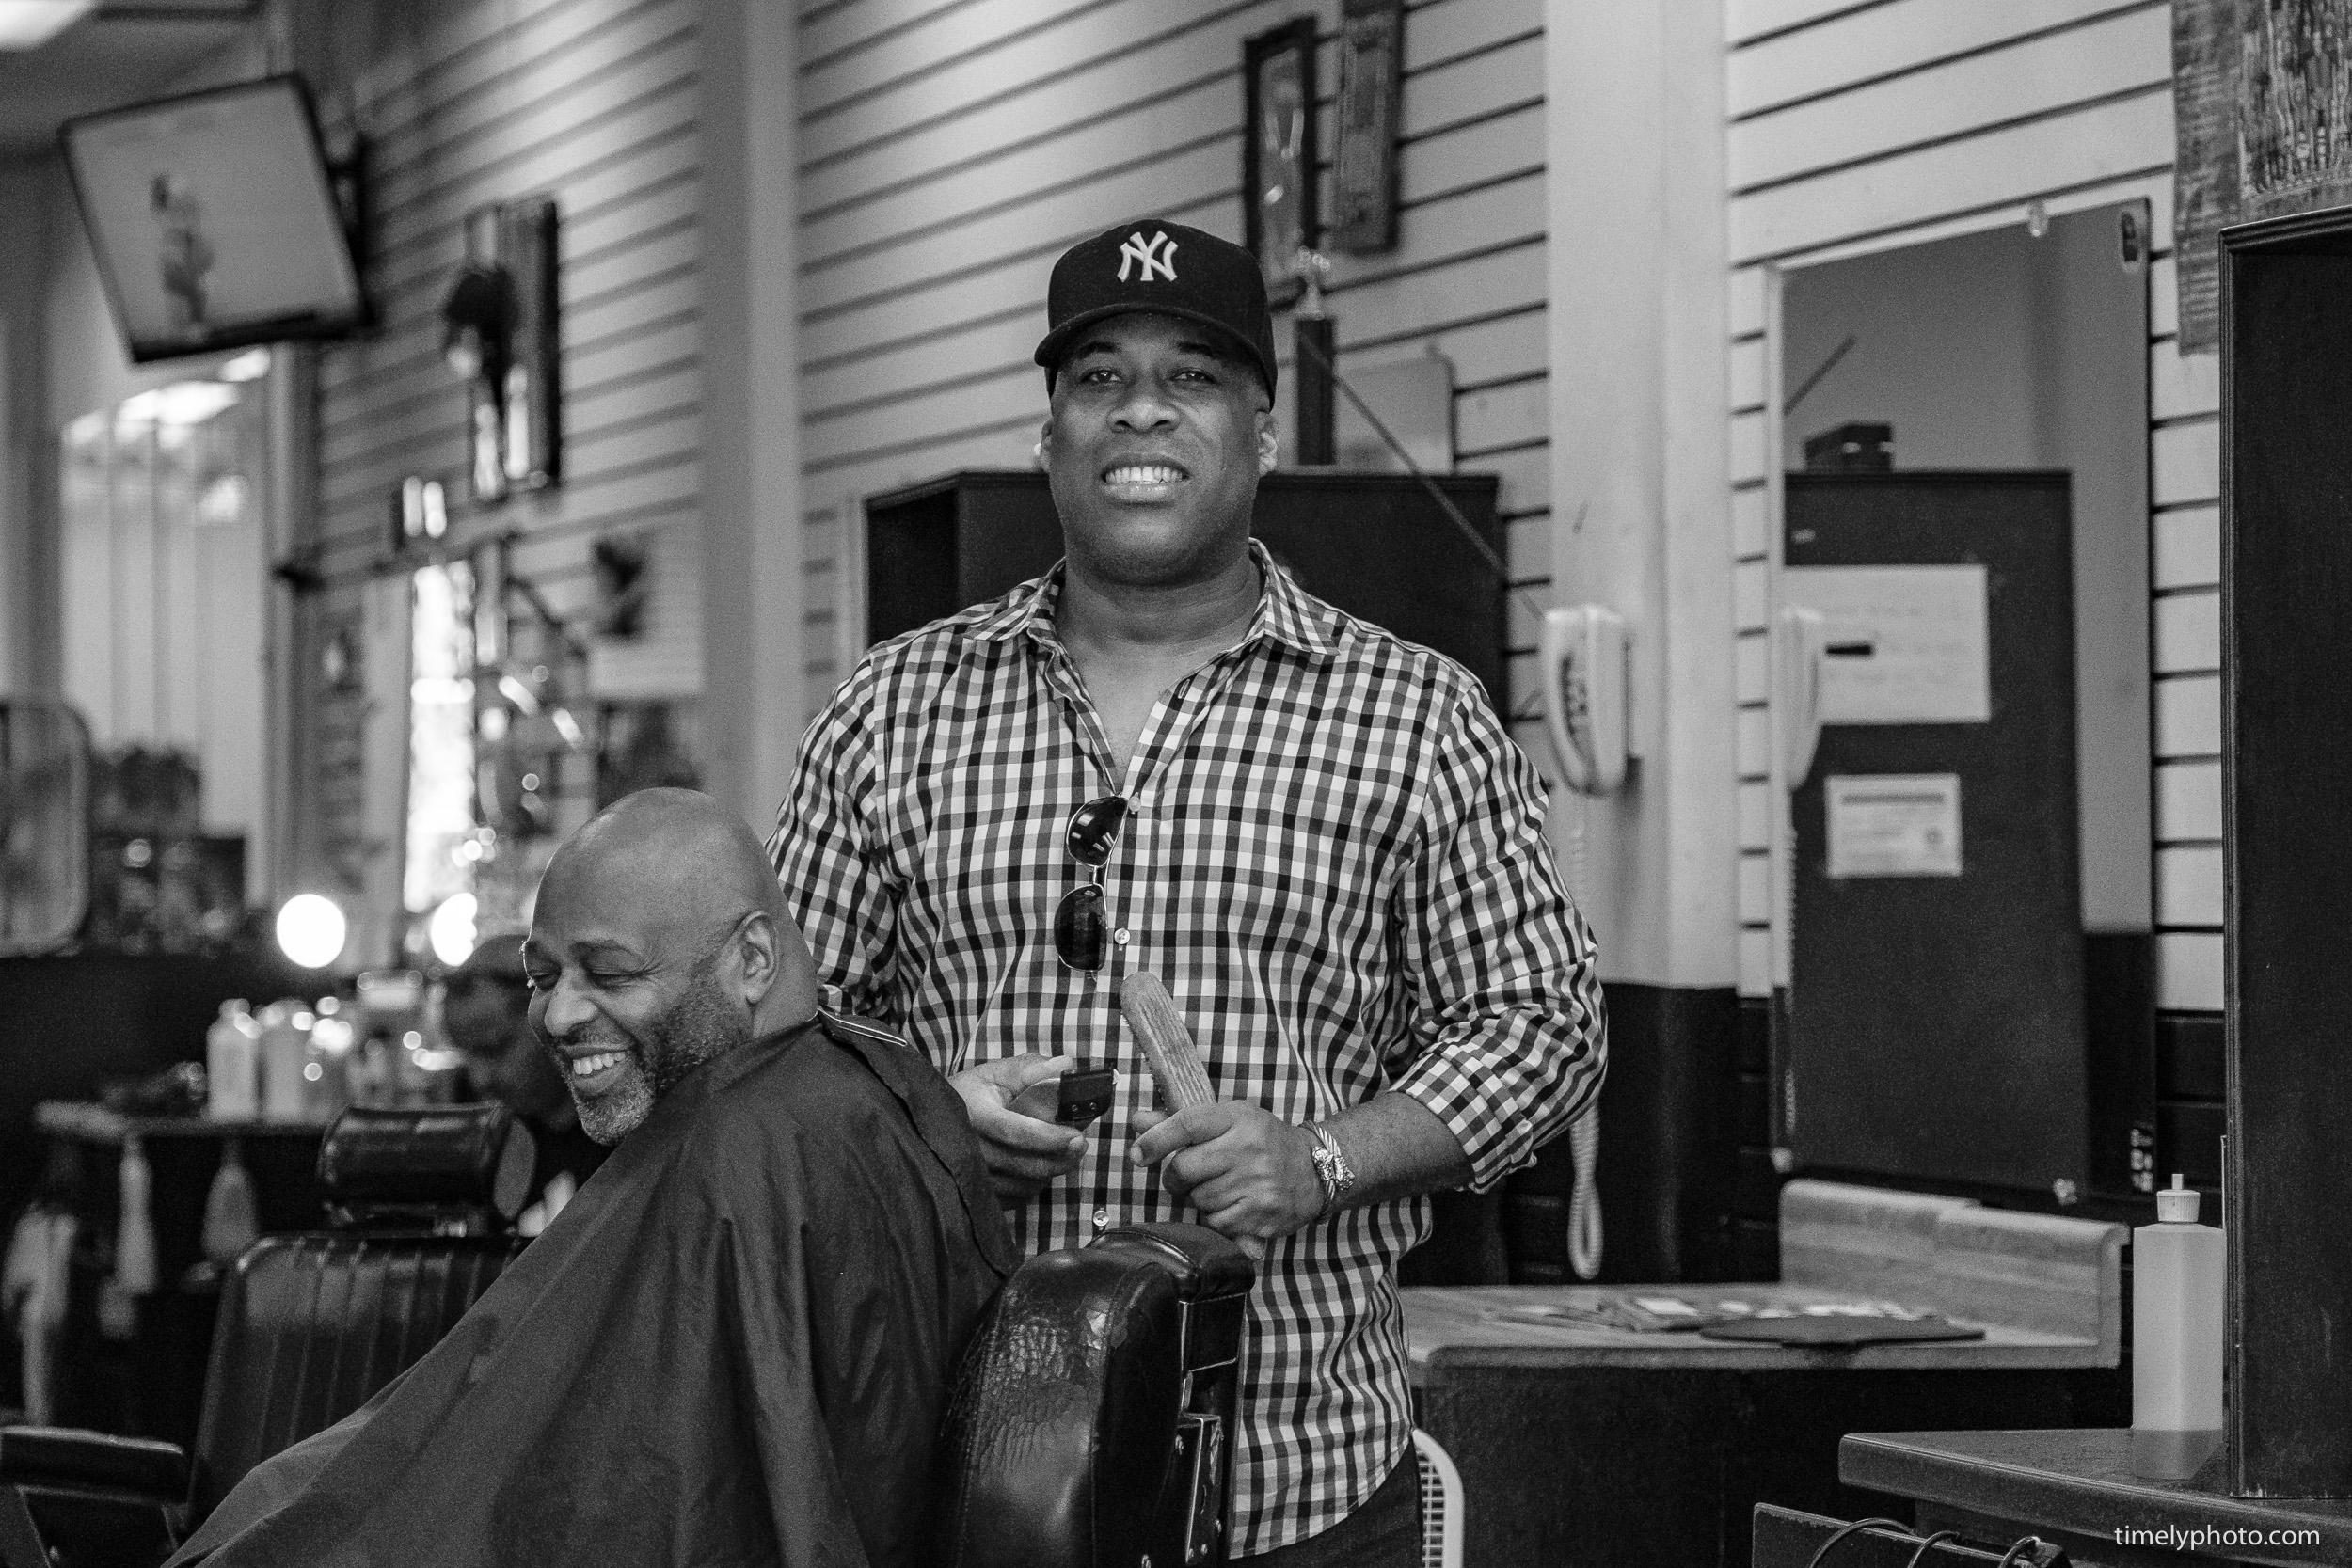 Atlanta Barber shop. 2018